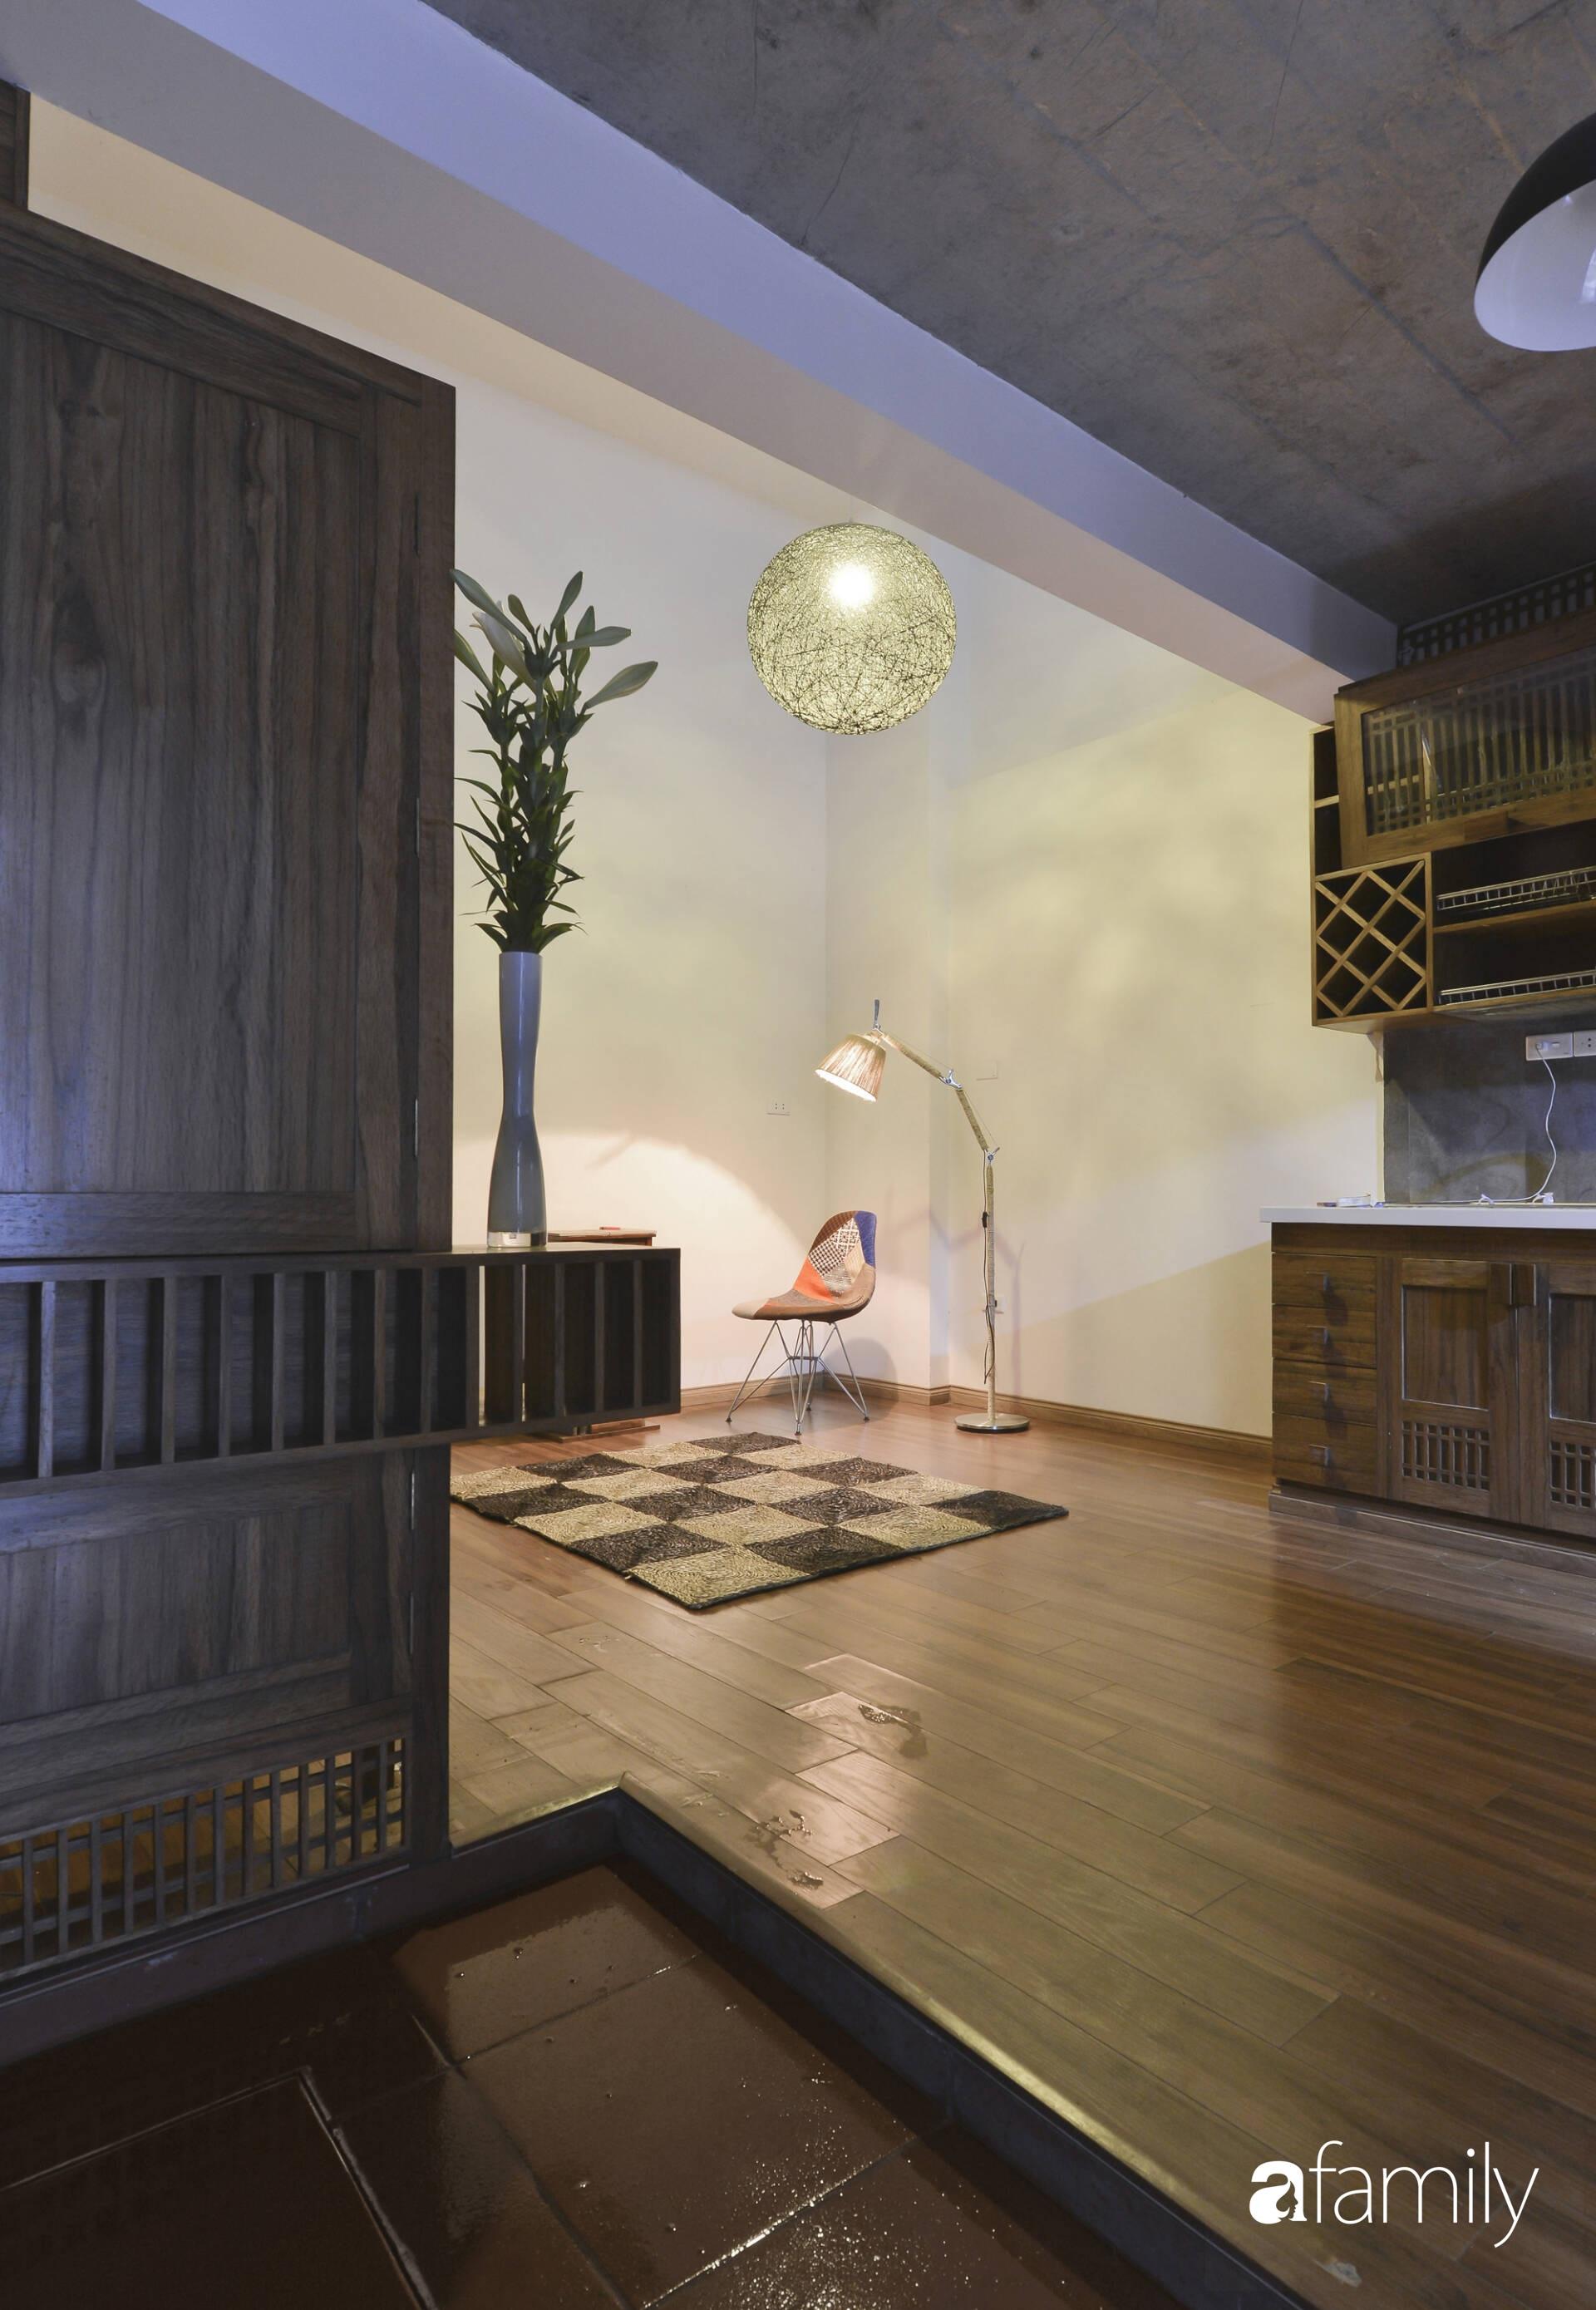 Vẻ đẹp của gỗ kết hợp nội thất đơn giản trong ngôi nhà 45,6m² ở ngõ nhỏ Hà Nội sau khi cải tạo - Ảnh 3.